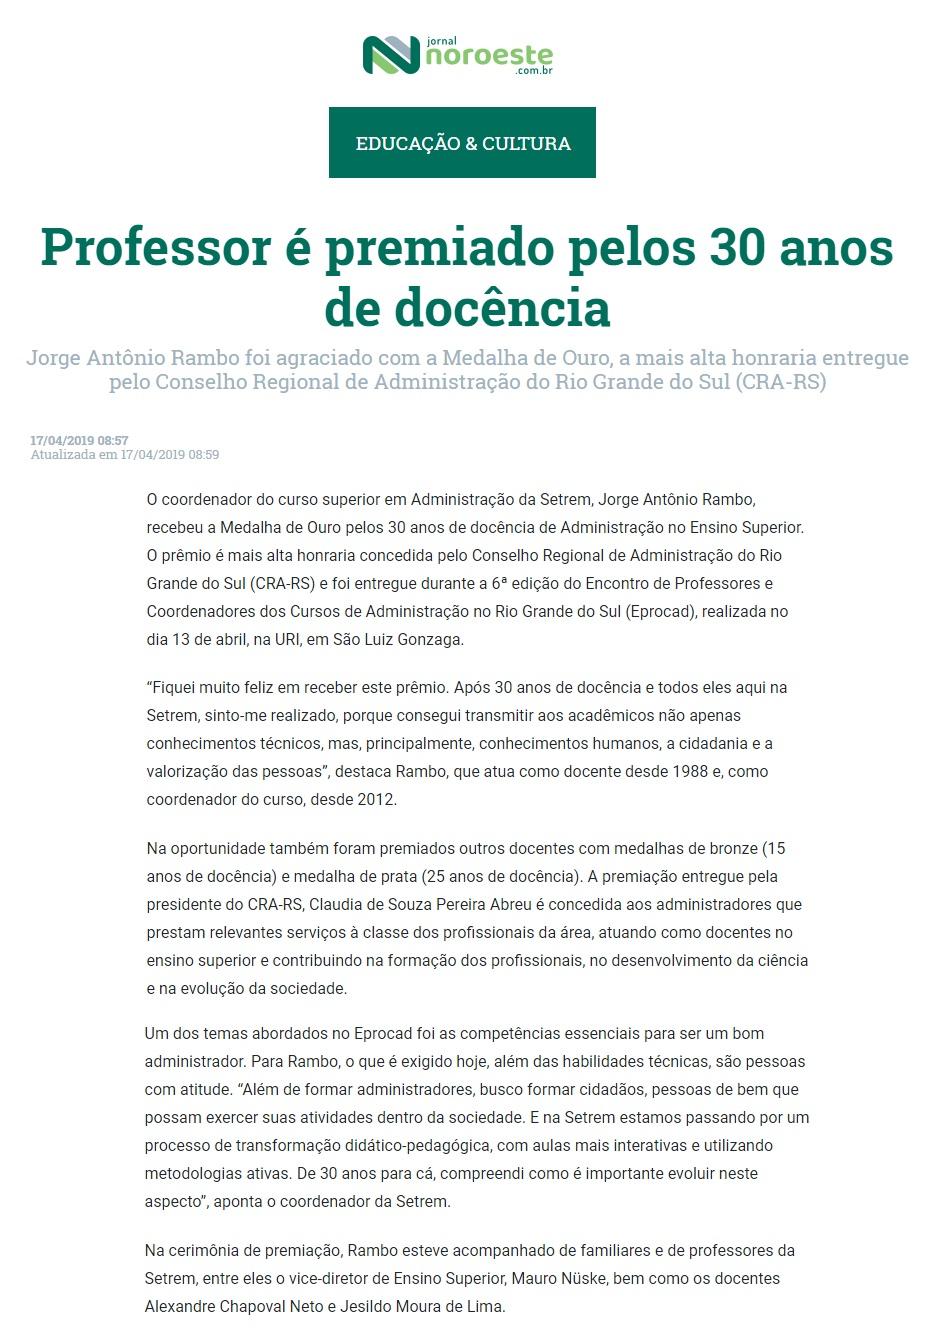 Prêmio da Docência 2019